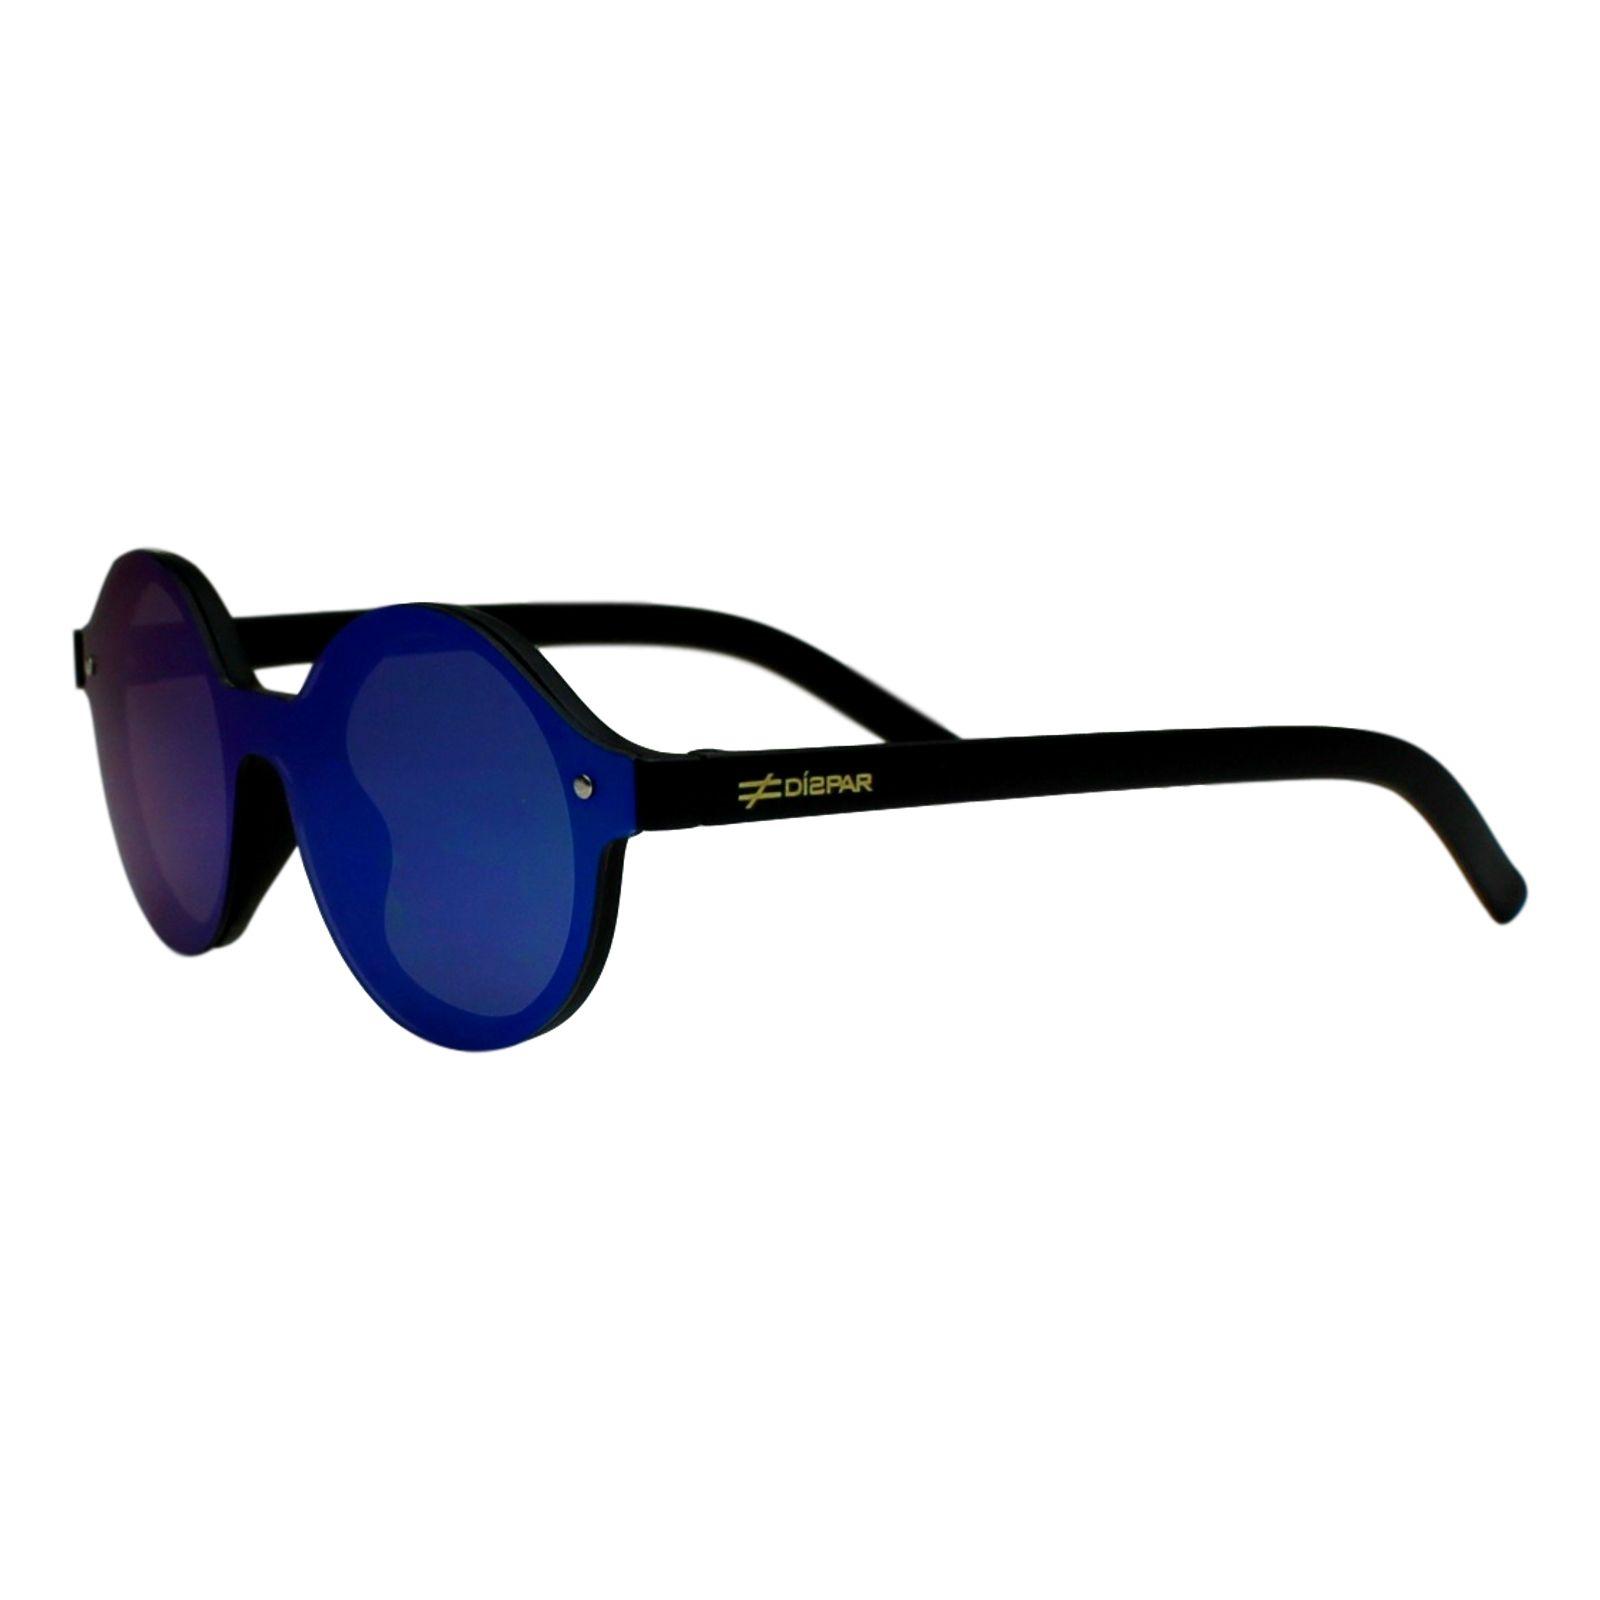 Óculos de Sol Díspar ID1898 infantil idade 6 a 9 anos Verde